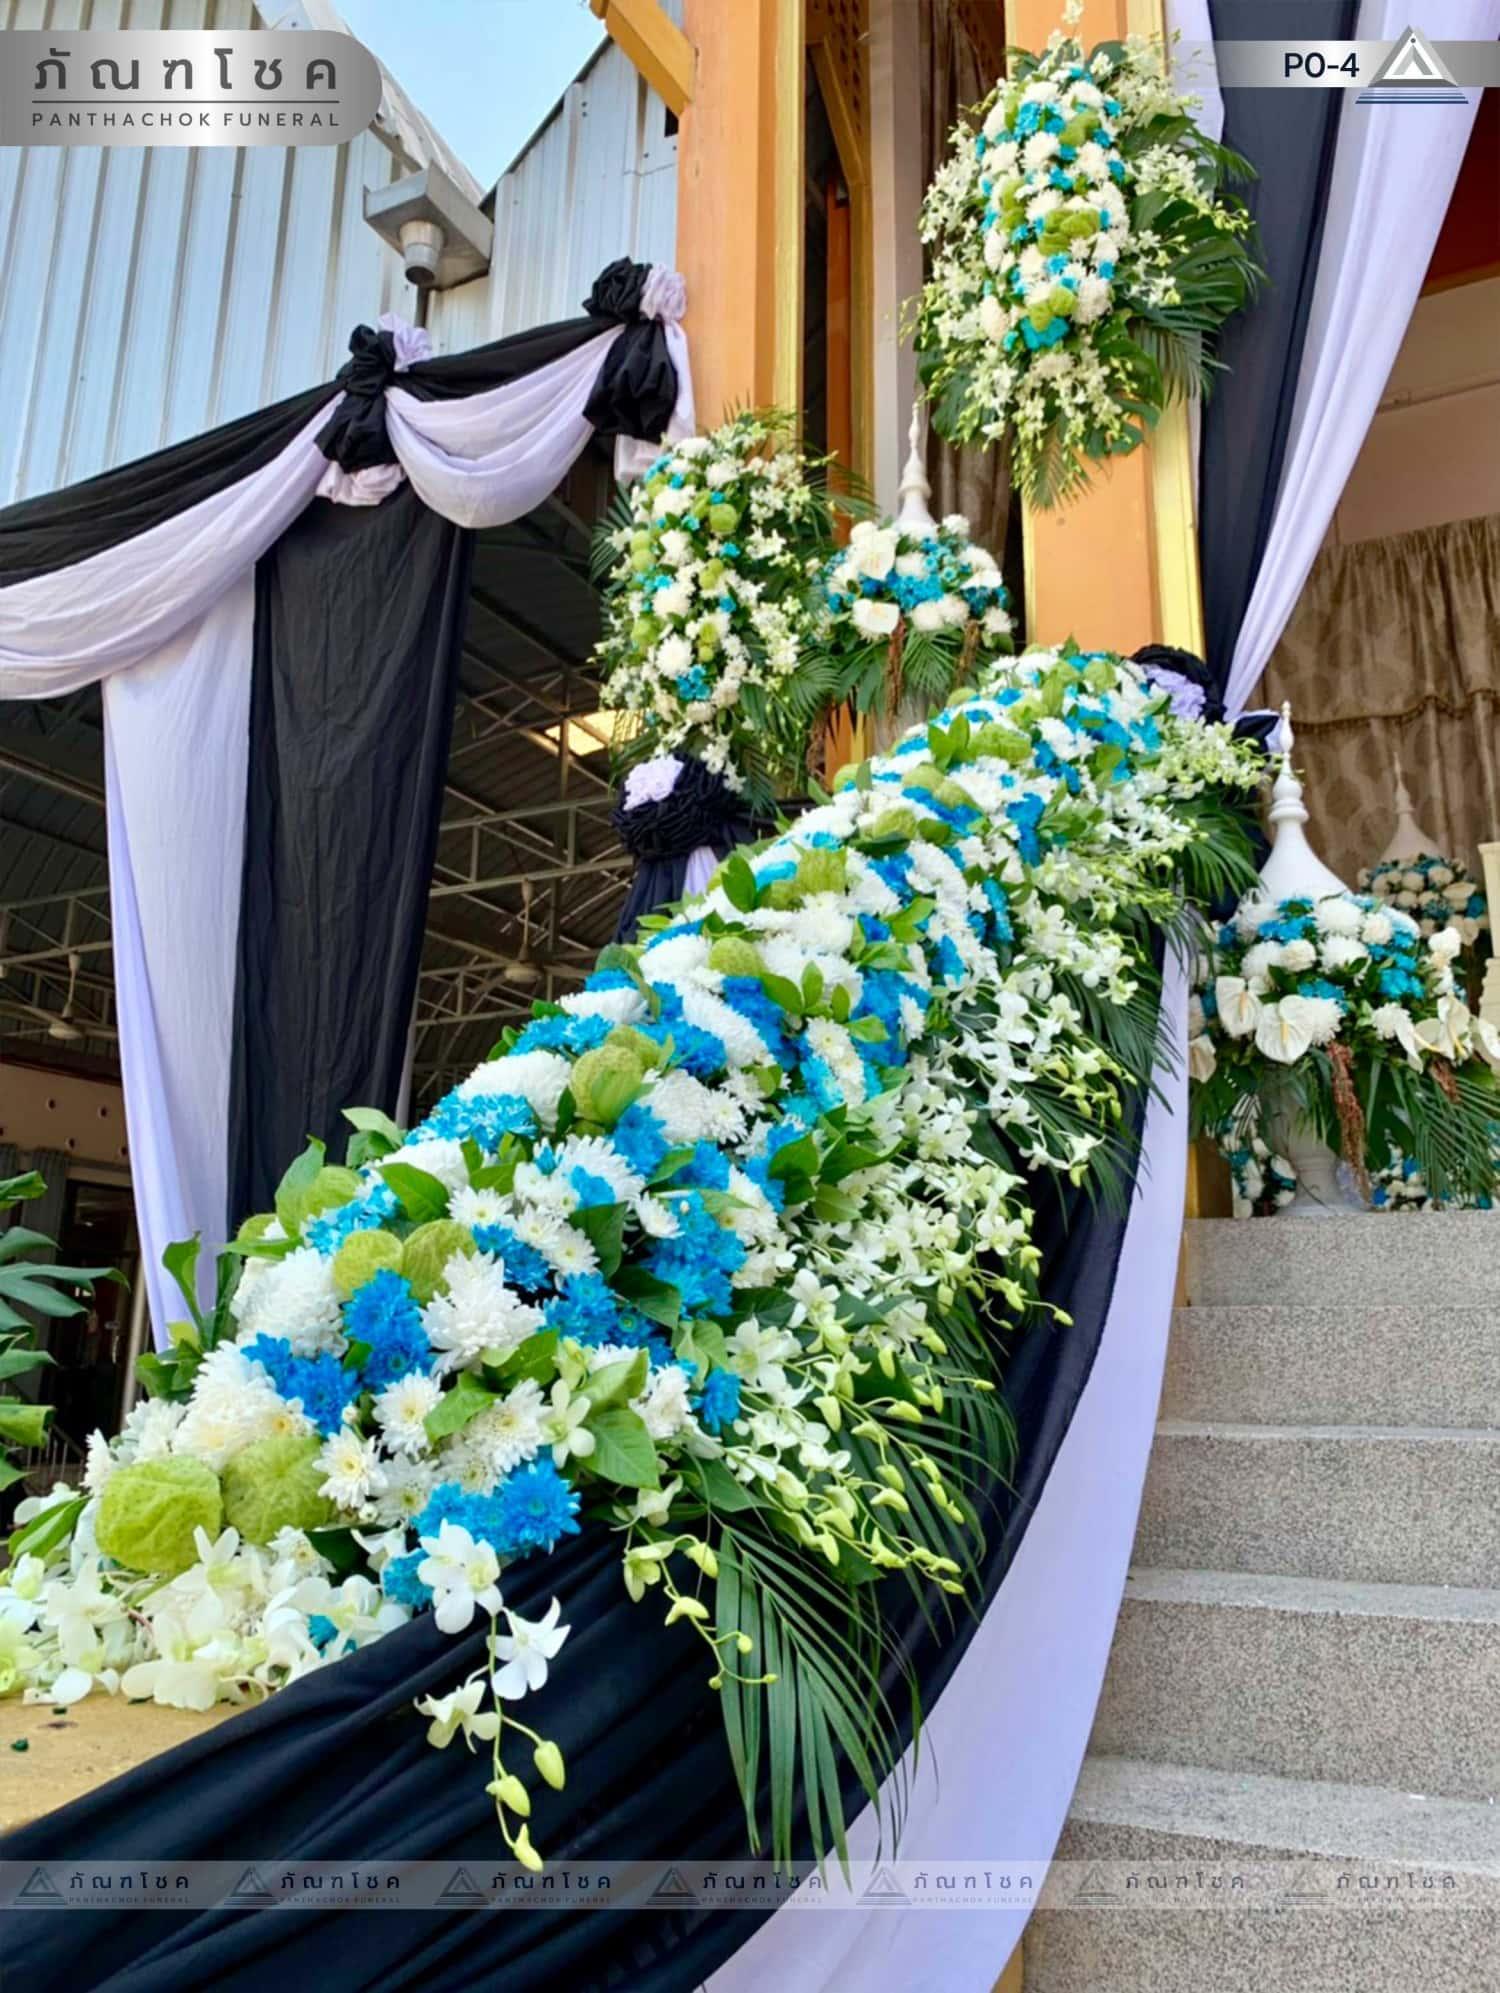 ดอกไม้ประดับเมรุ ชุด P0-4 37